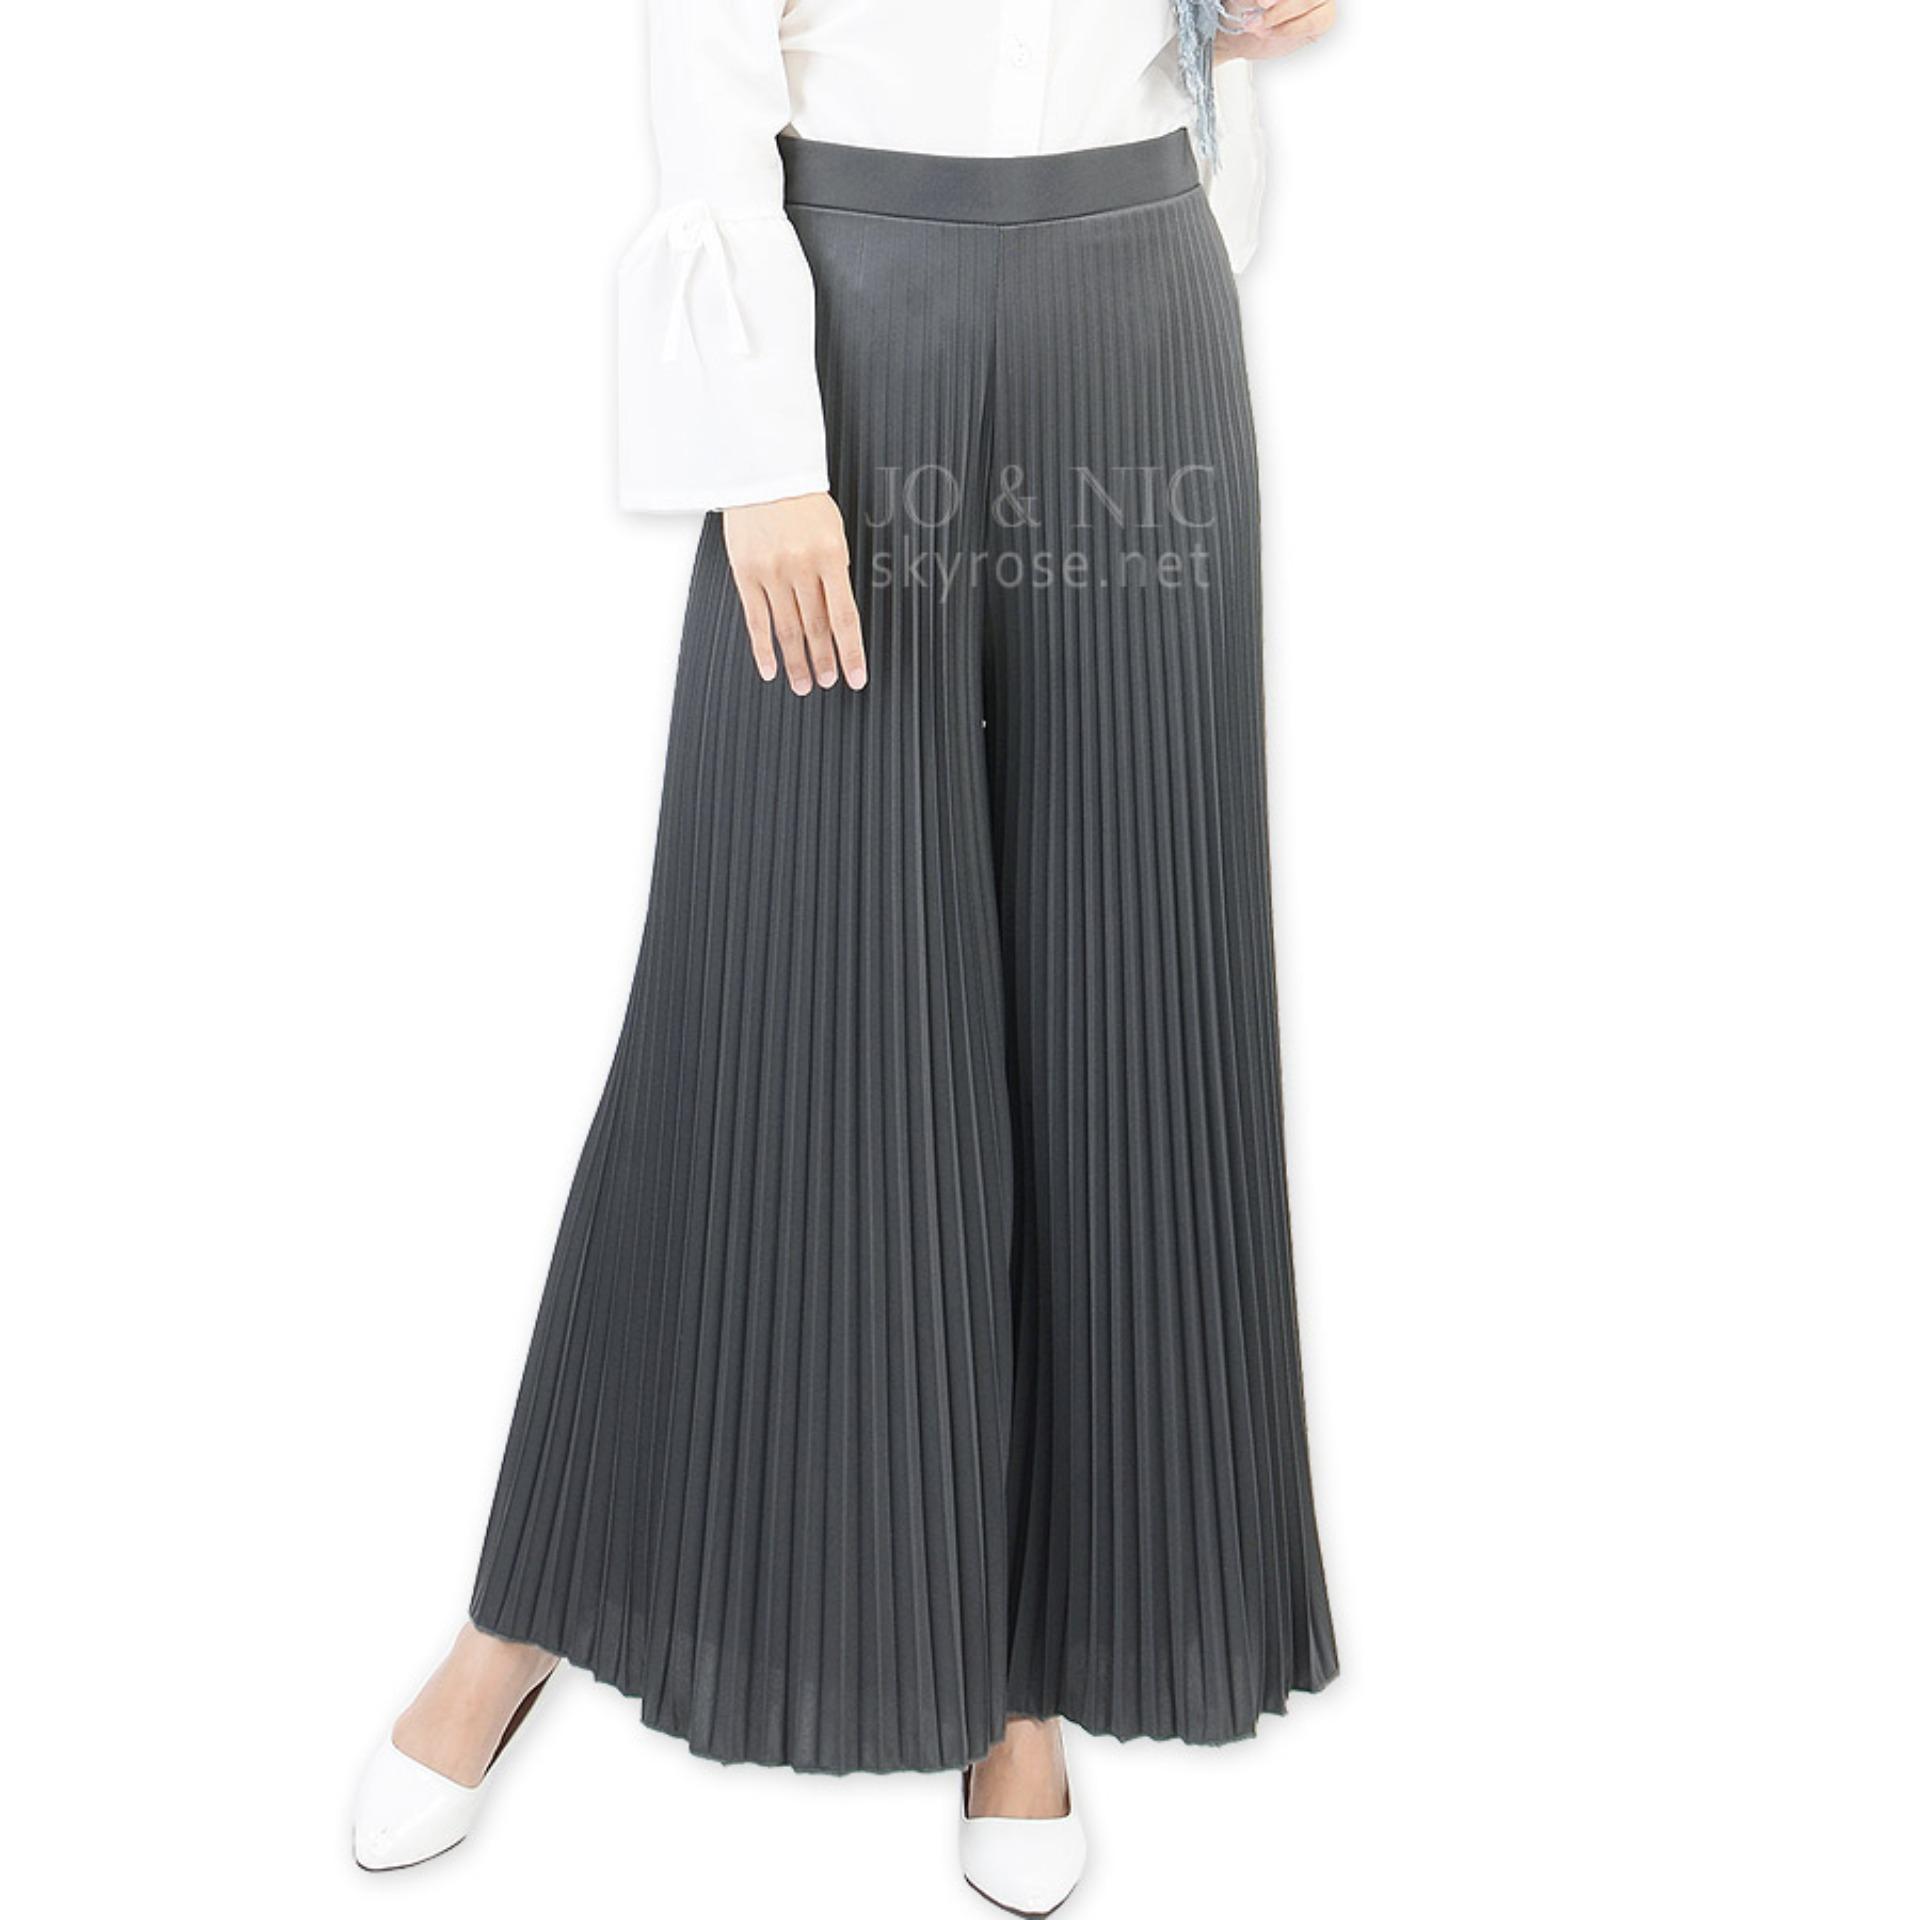 Jual Celana Wanita Terbaru Panjang Hareem Pants Standart